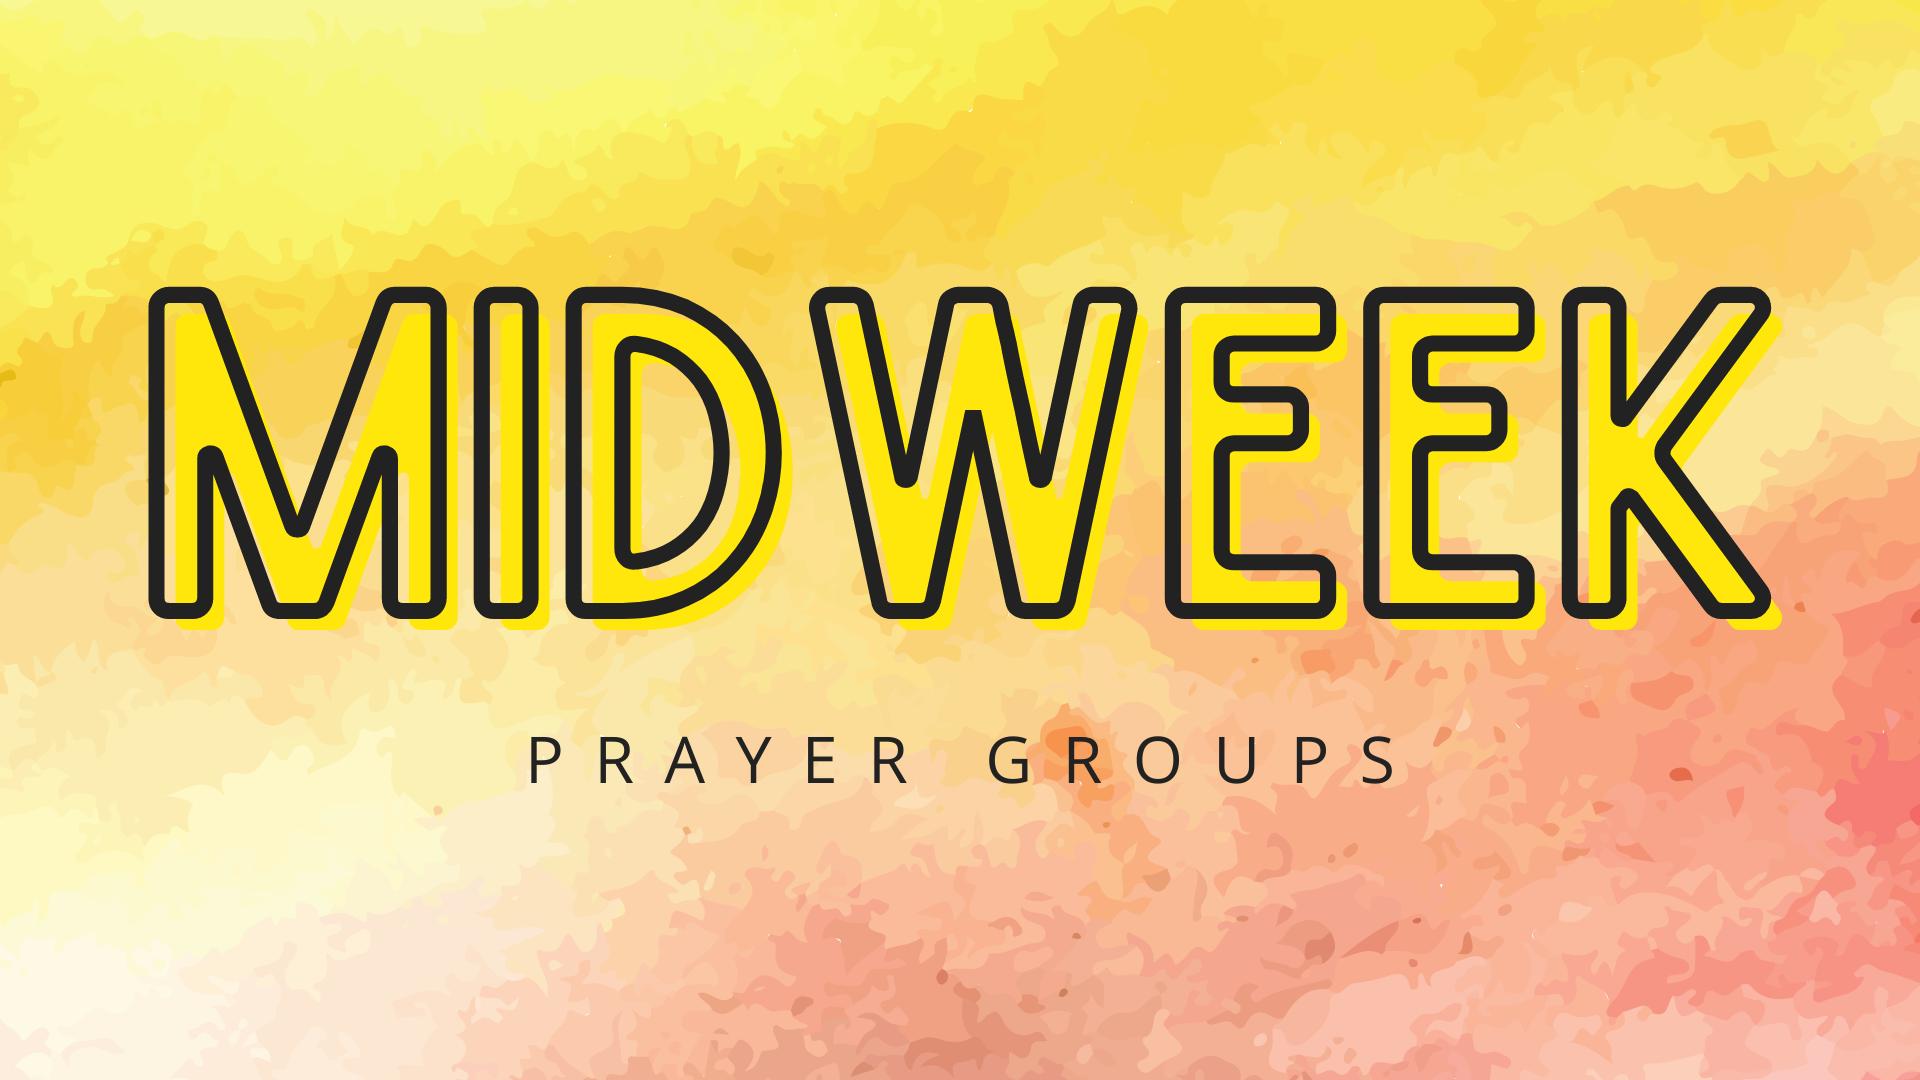 Midweek Prayer Groups (1)